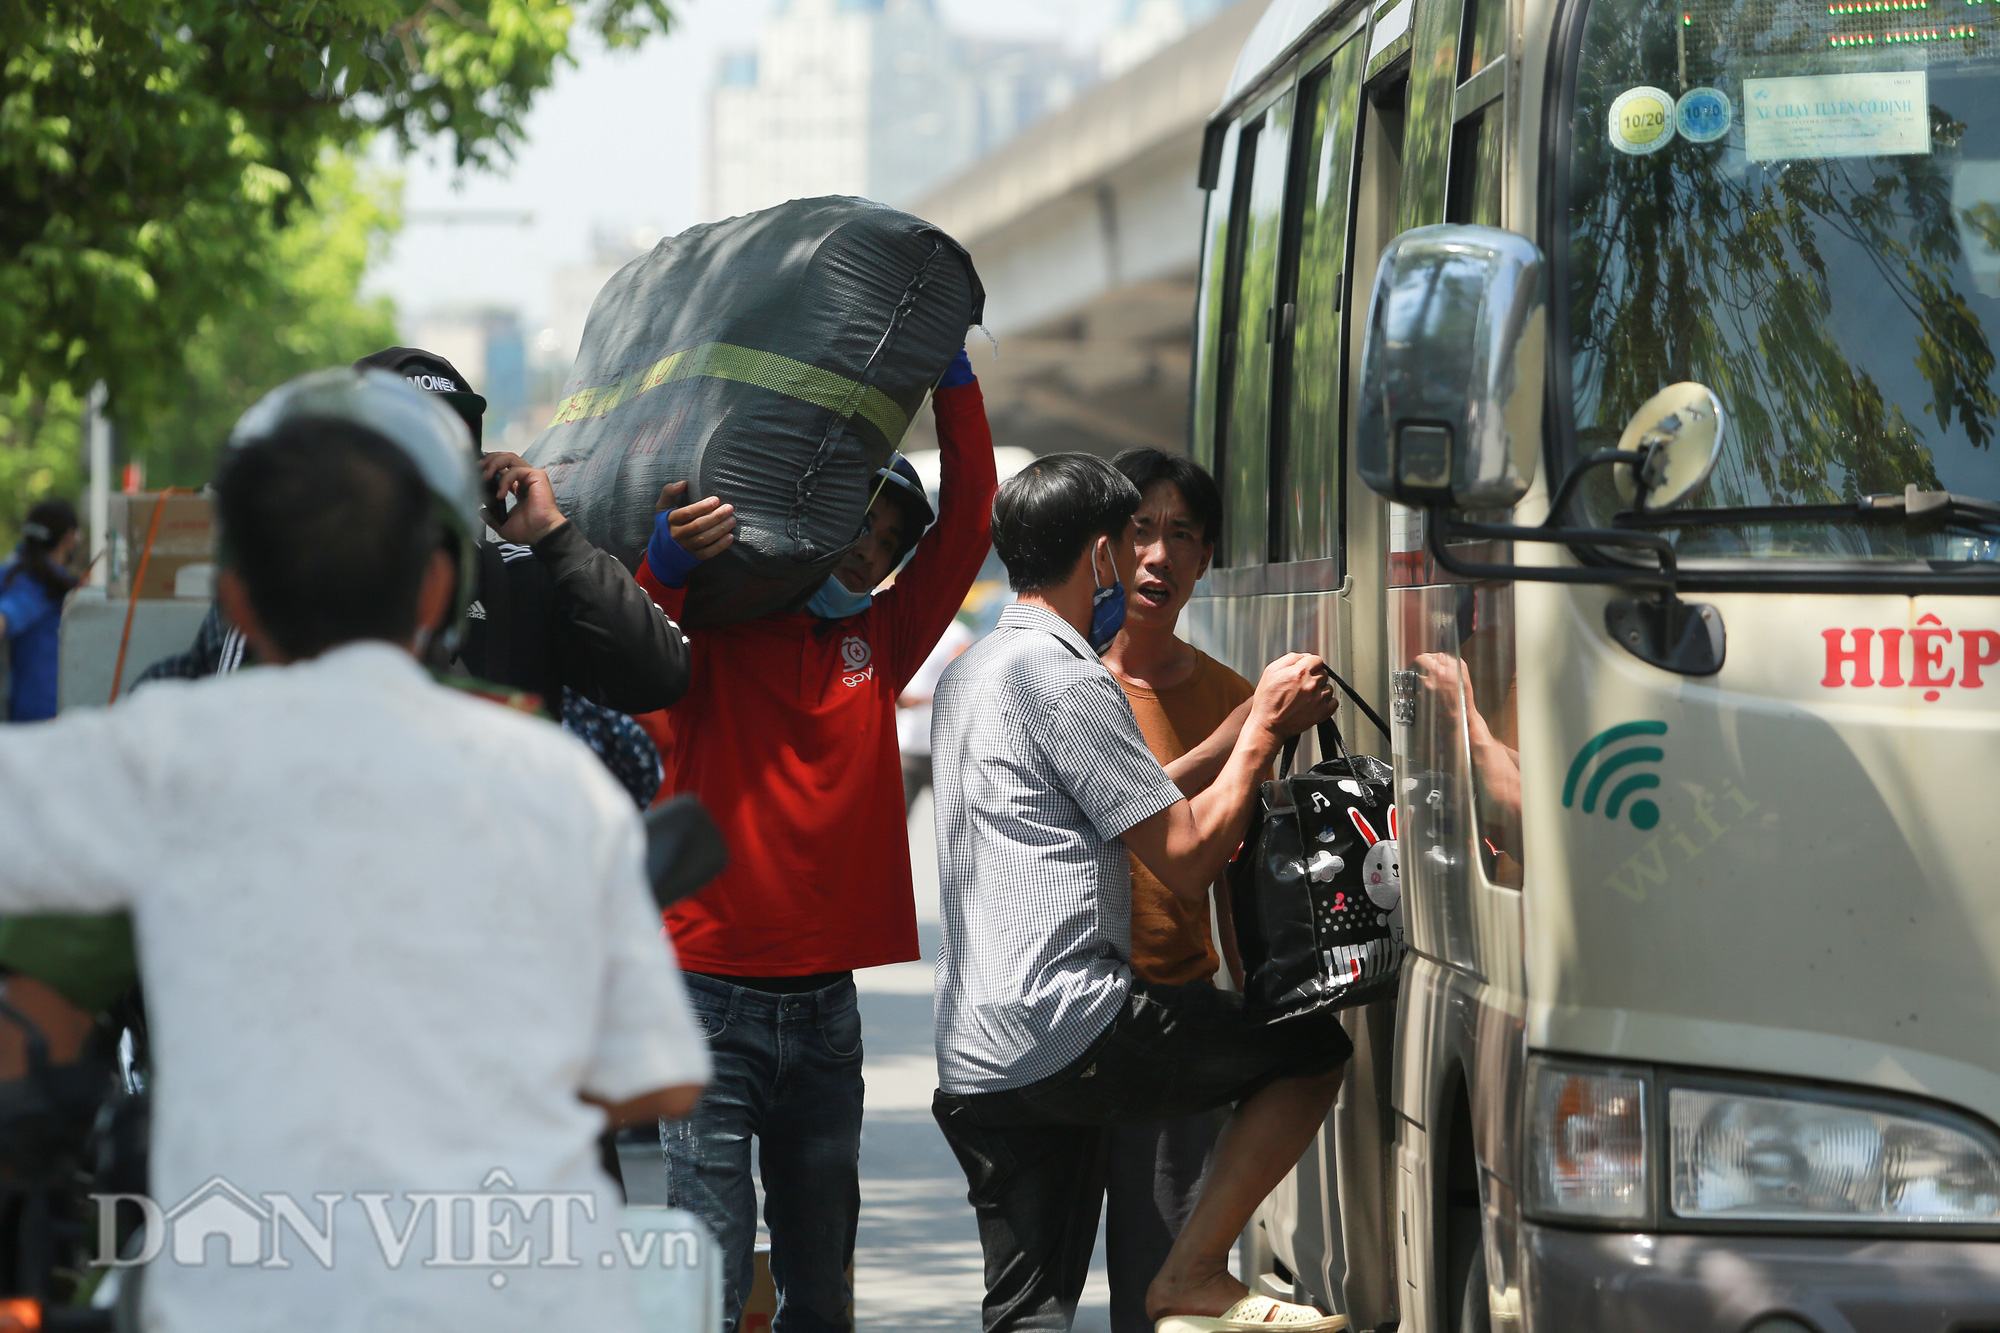 """Hàng loạt xe chạy """"rùa bò"""", bắt khách dọc đường bị CSGT Hà Nội xử lý - Ảnh 10."""